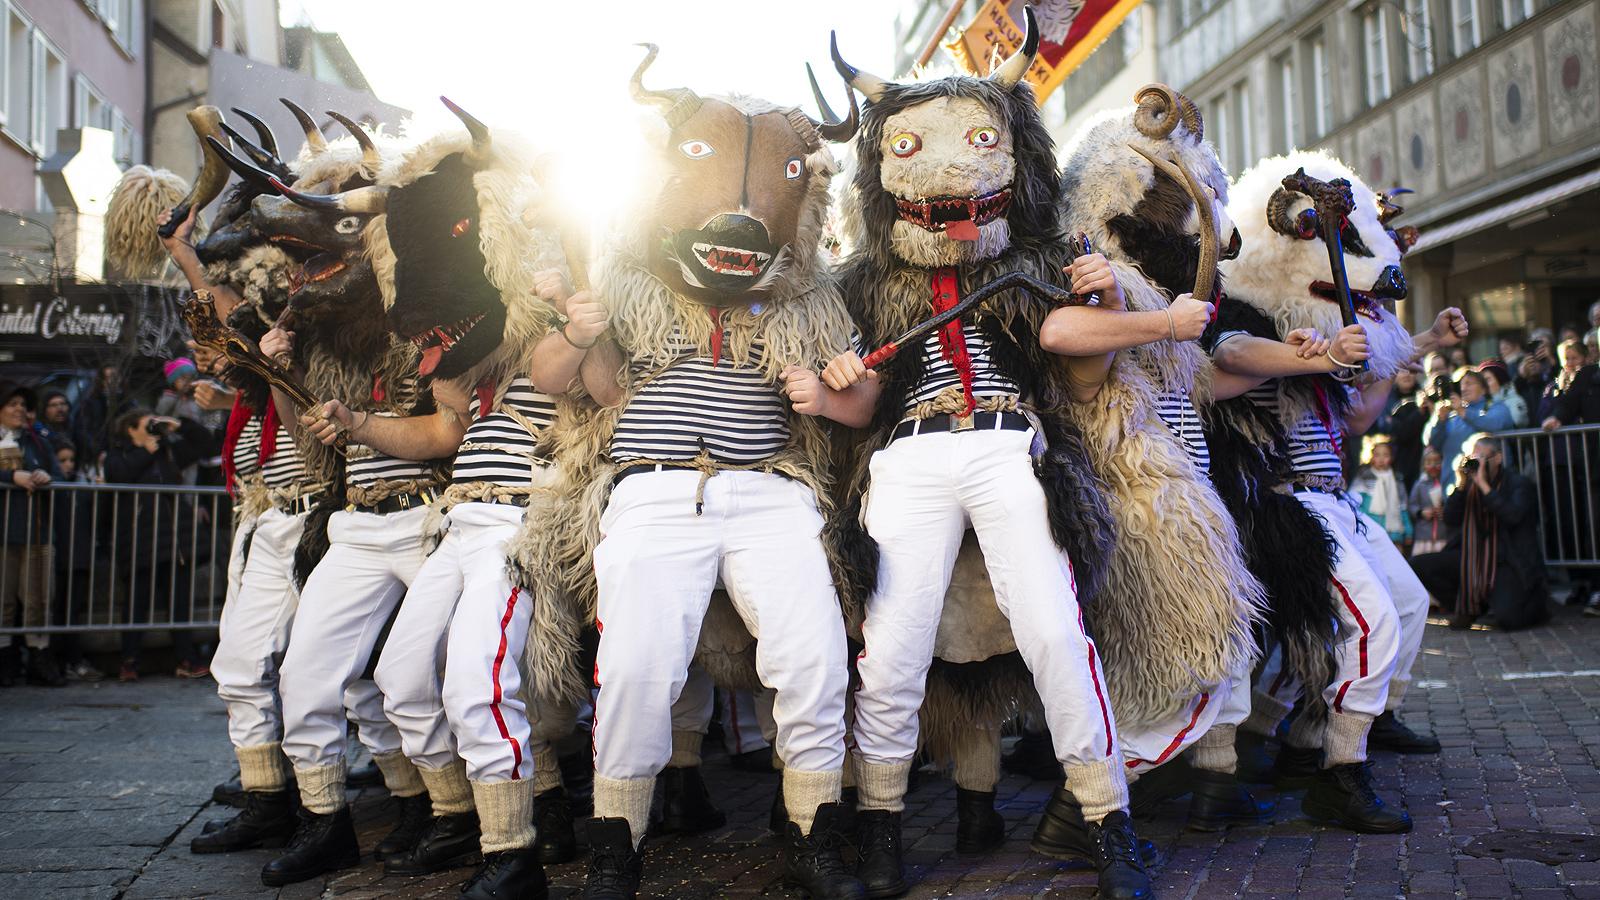 """Среща в Алтщетен, Швейцария по повод 100-годишния юбилей на местната карнавална група """"Roellelibutzen Verein"""", събра около 2000 участници от карнавални групи от цяла Европа."""